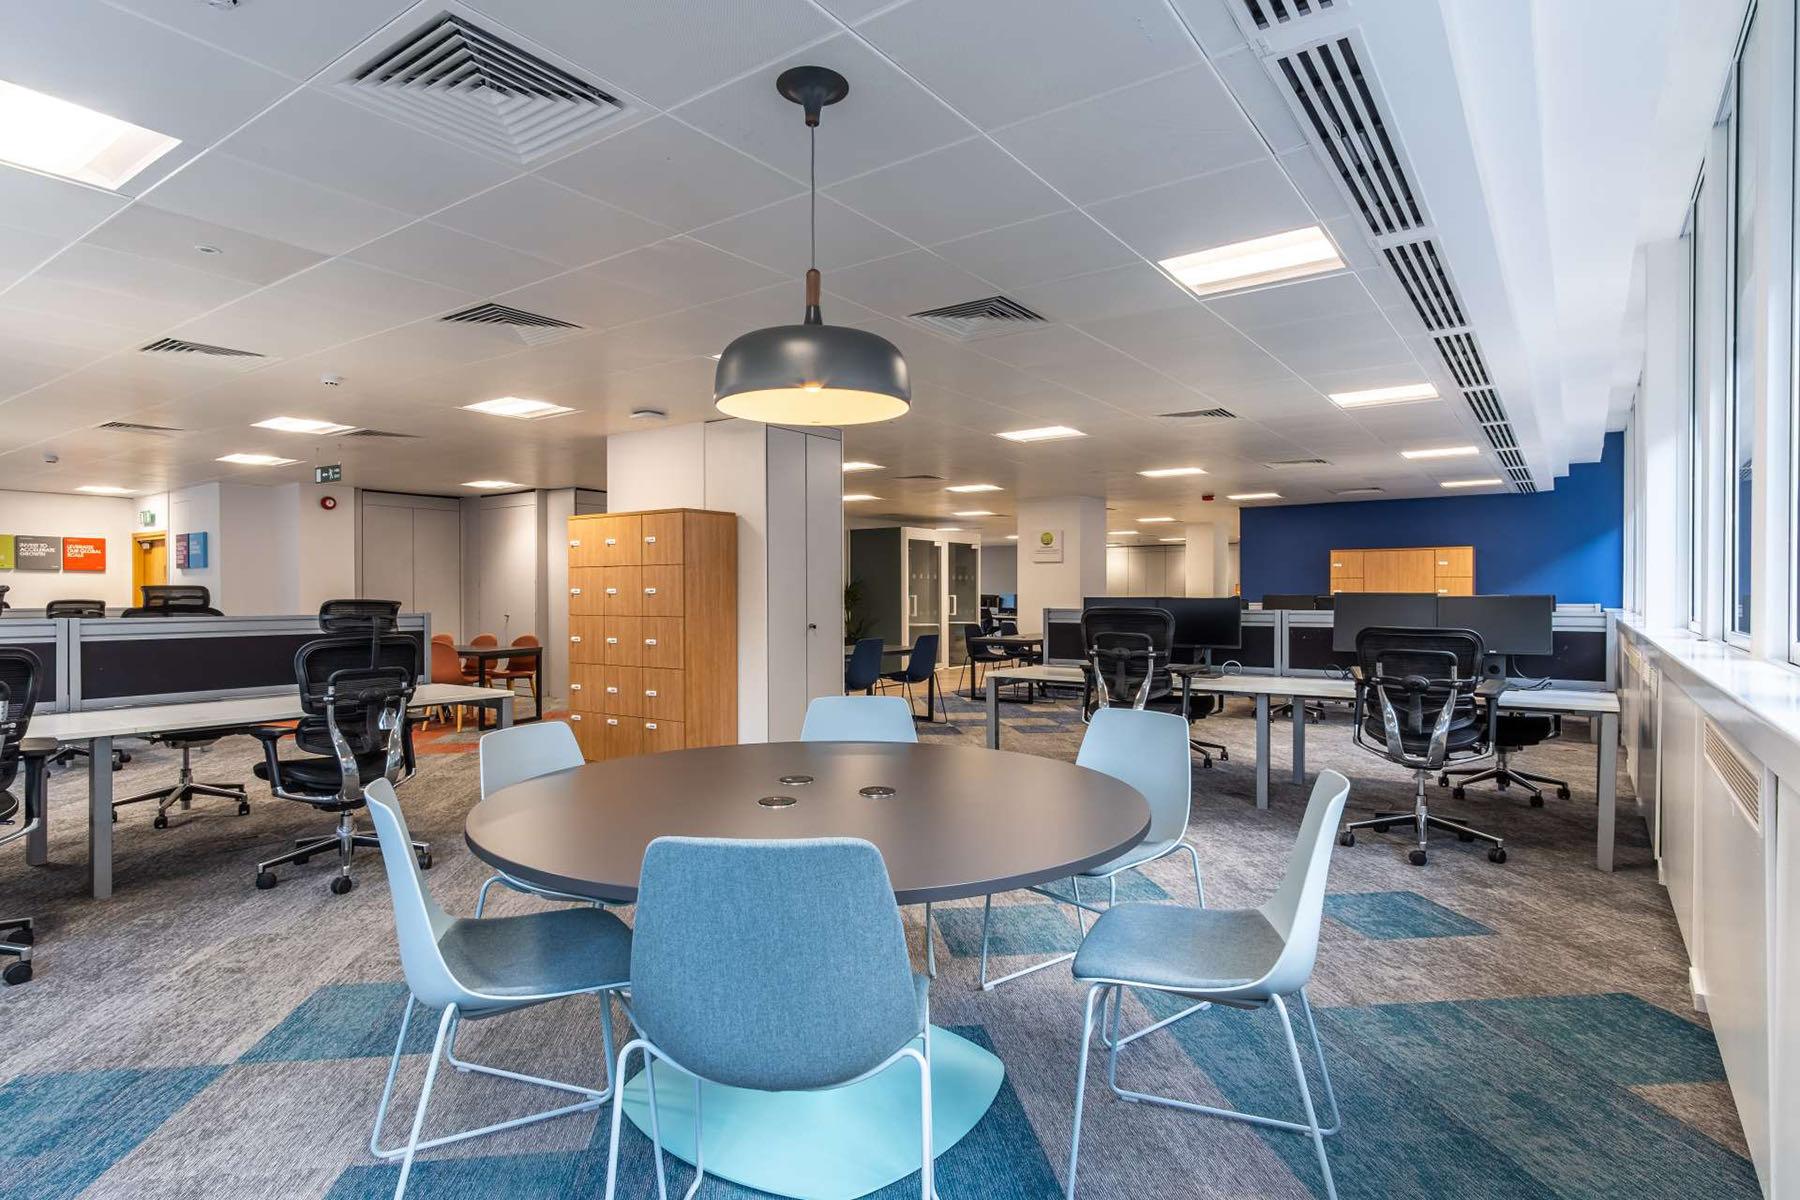 A Peek Inside Inchcape's New London Office